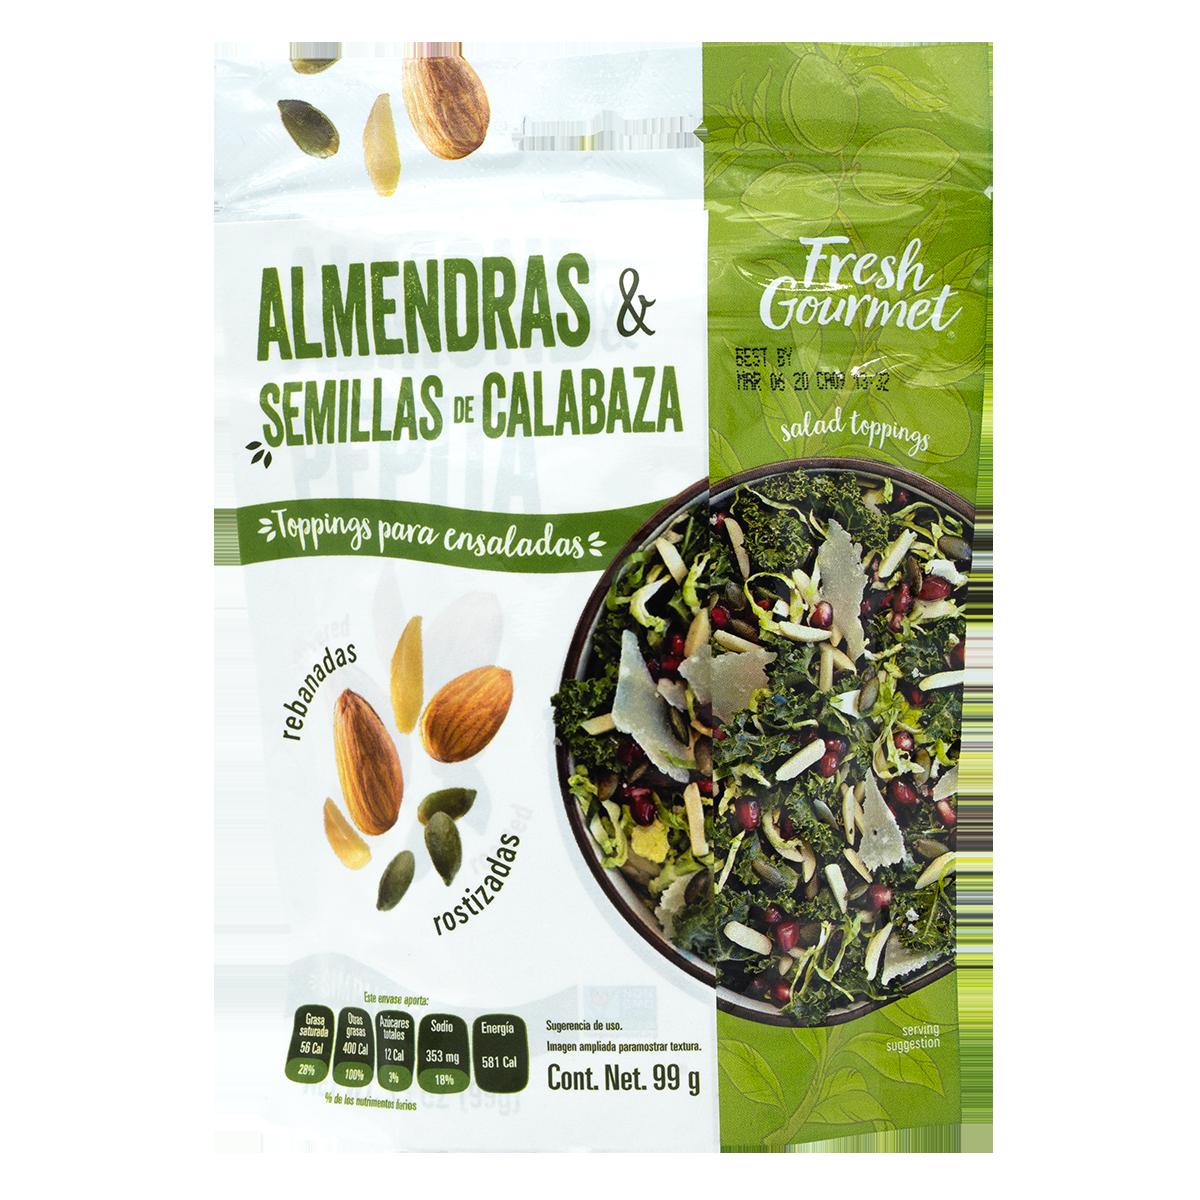 Fresh Gourmet - Almendras y semillas de calabaza